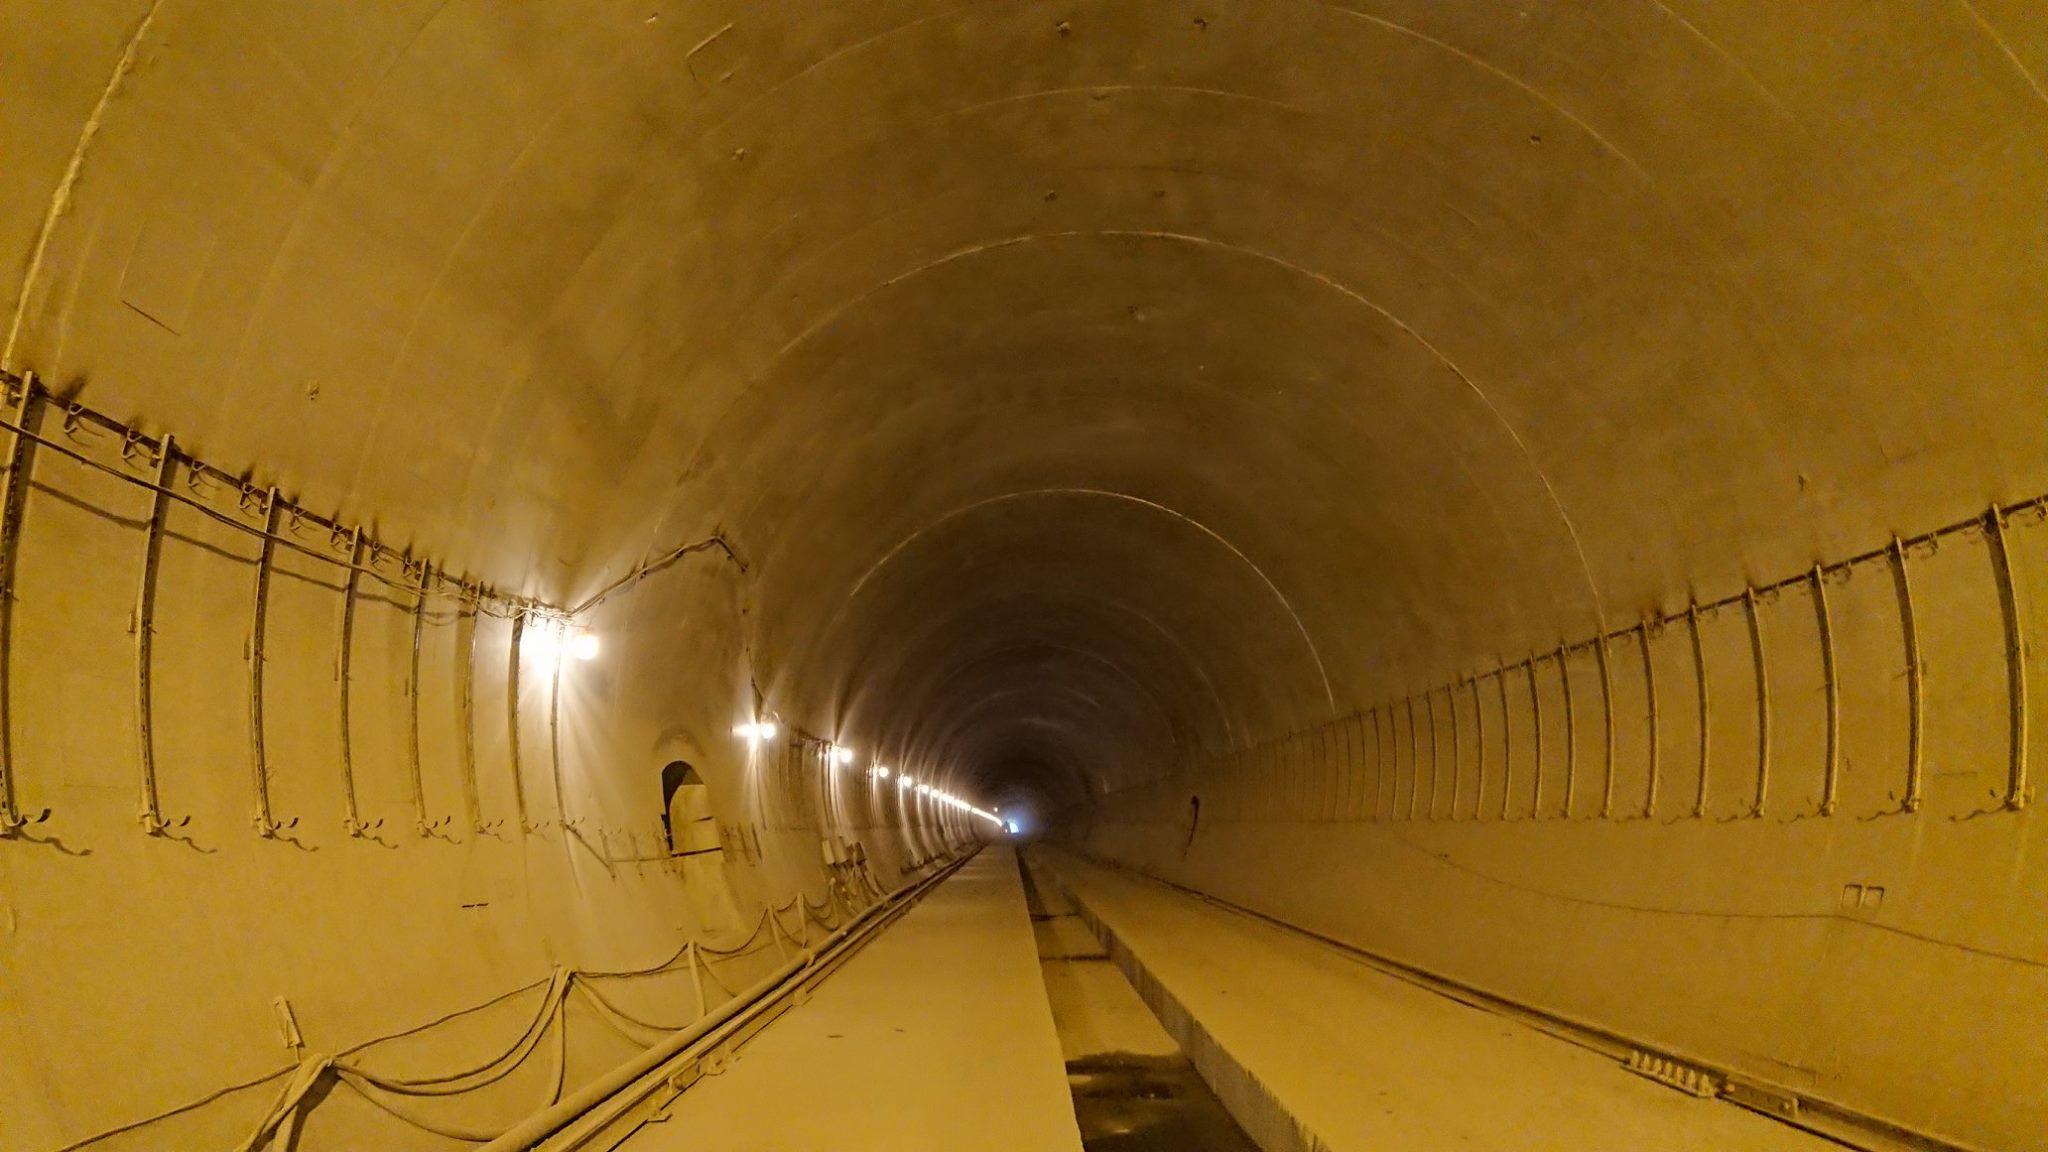 Новий Бескидський тунель остаточно здадуть в експлуатацію до кінця травня, - Гройсман - Цензор.НЕТ 5346